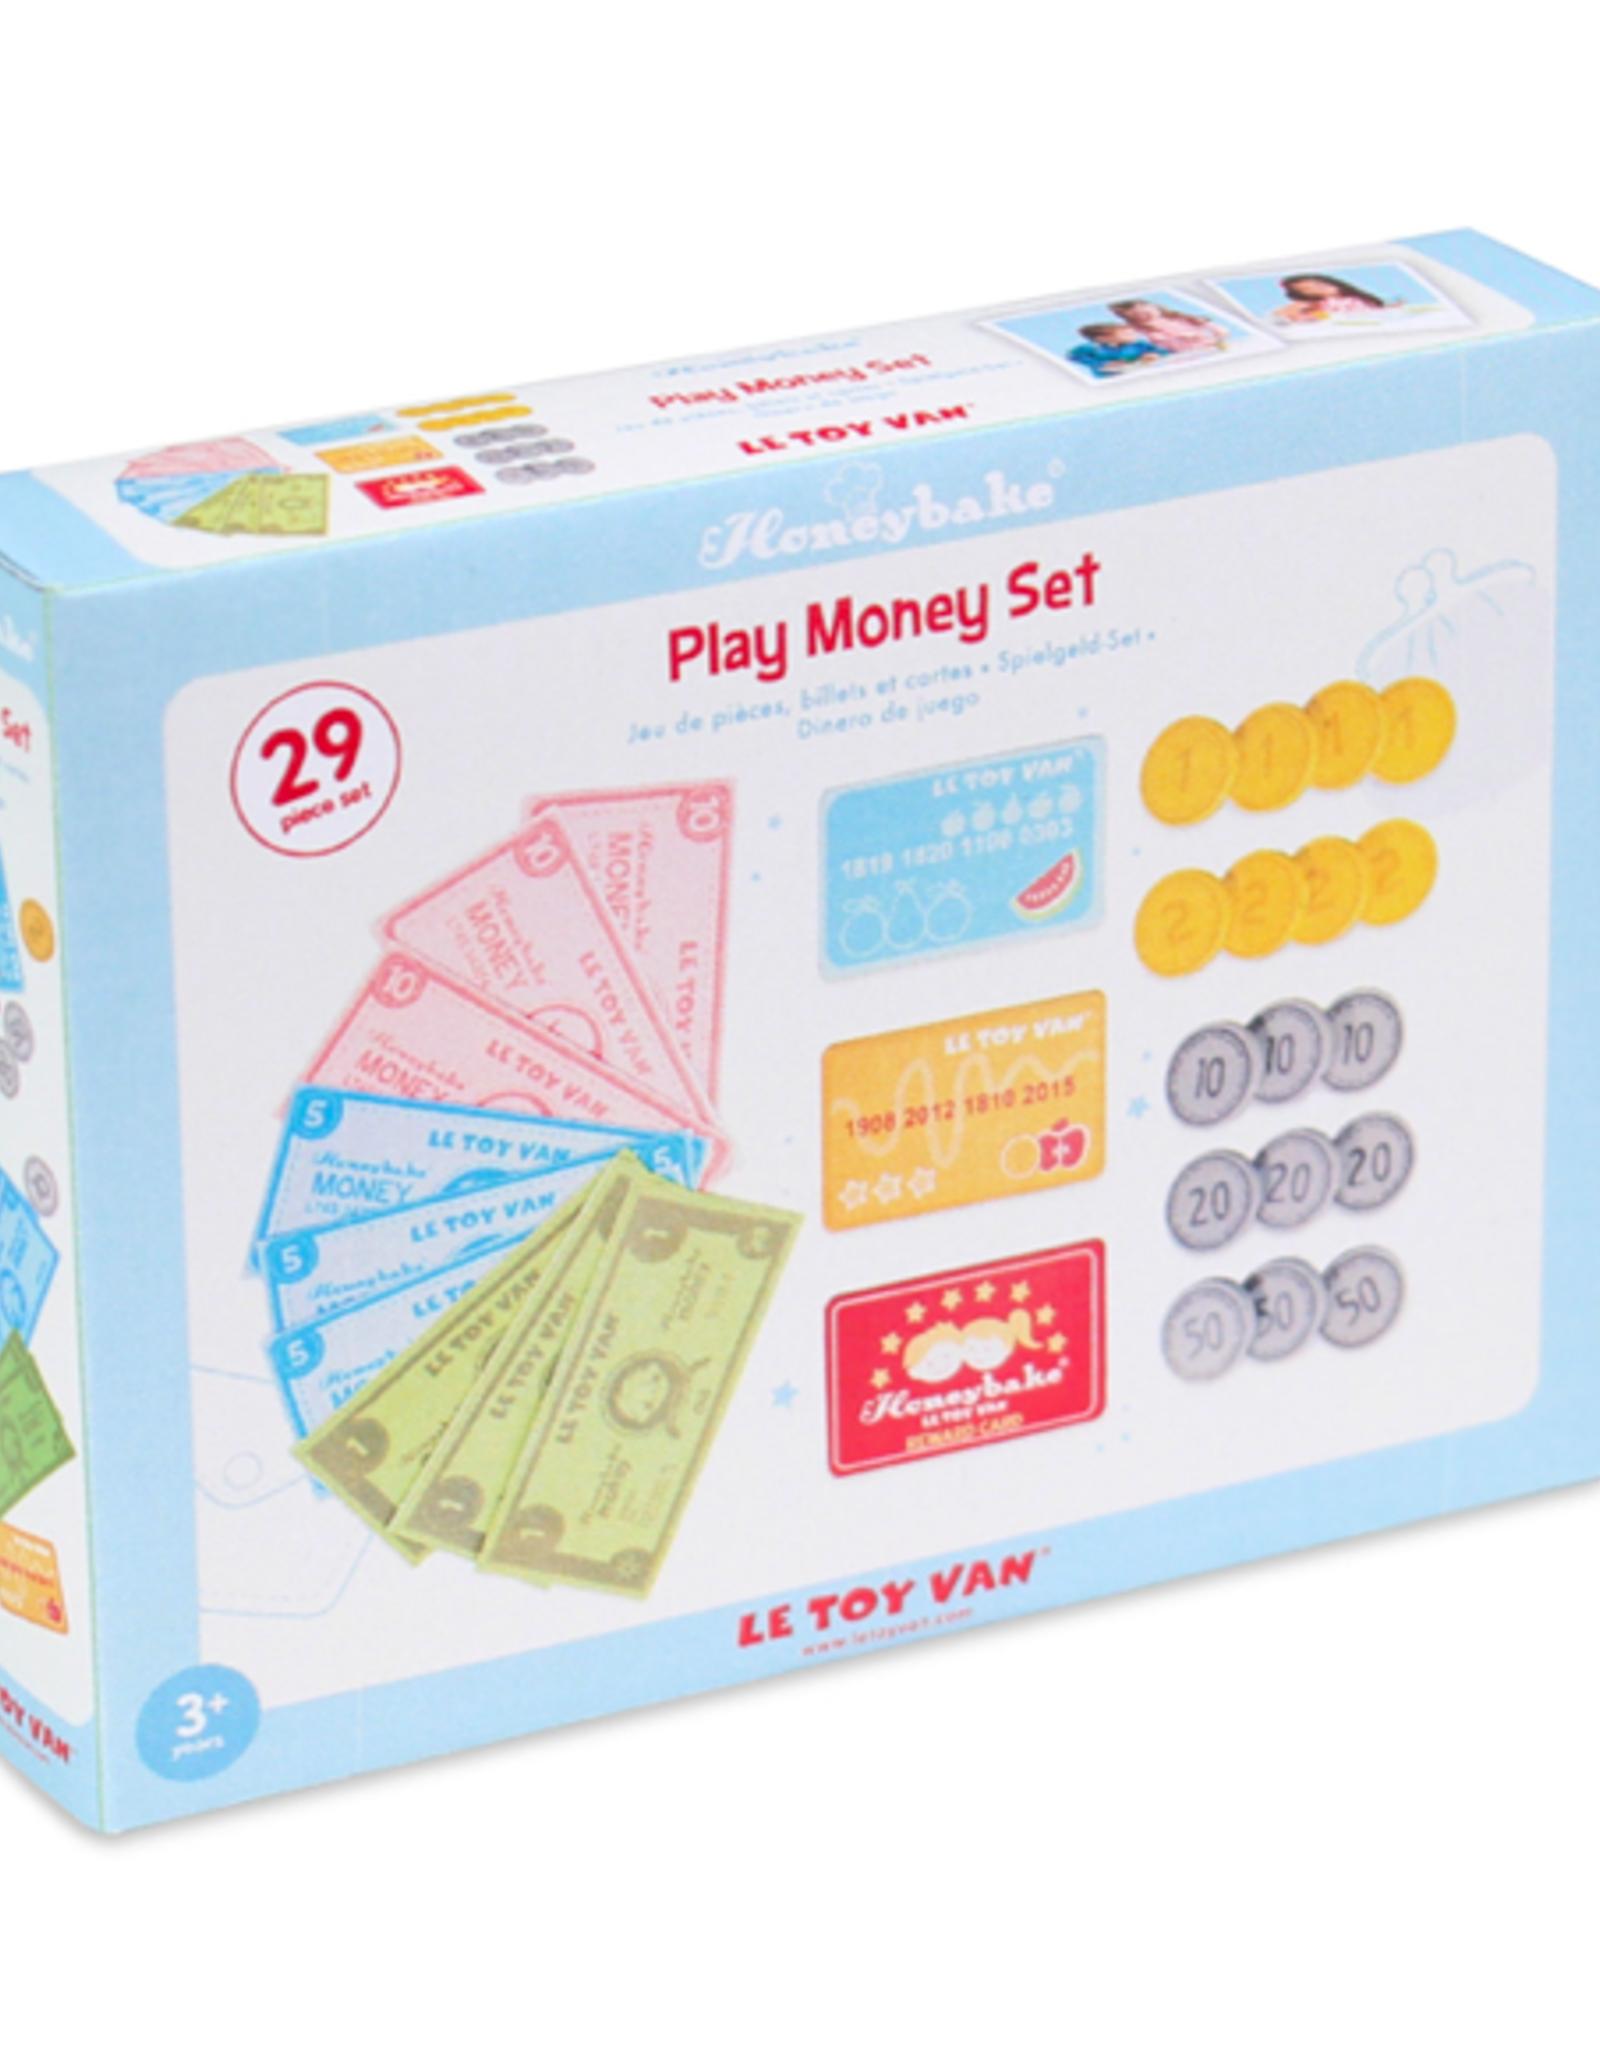 Le Toy Van Le Toy Van - Play Money Set